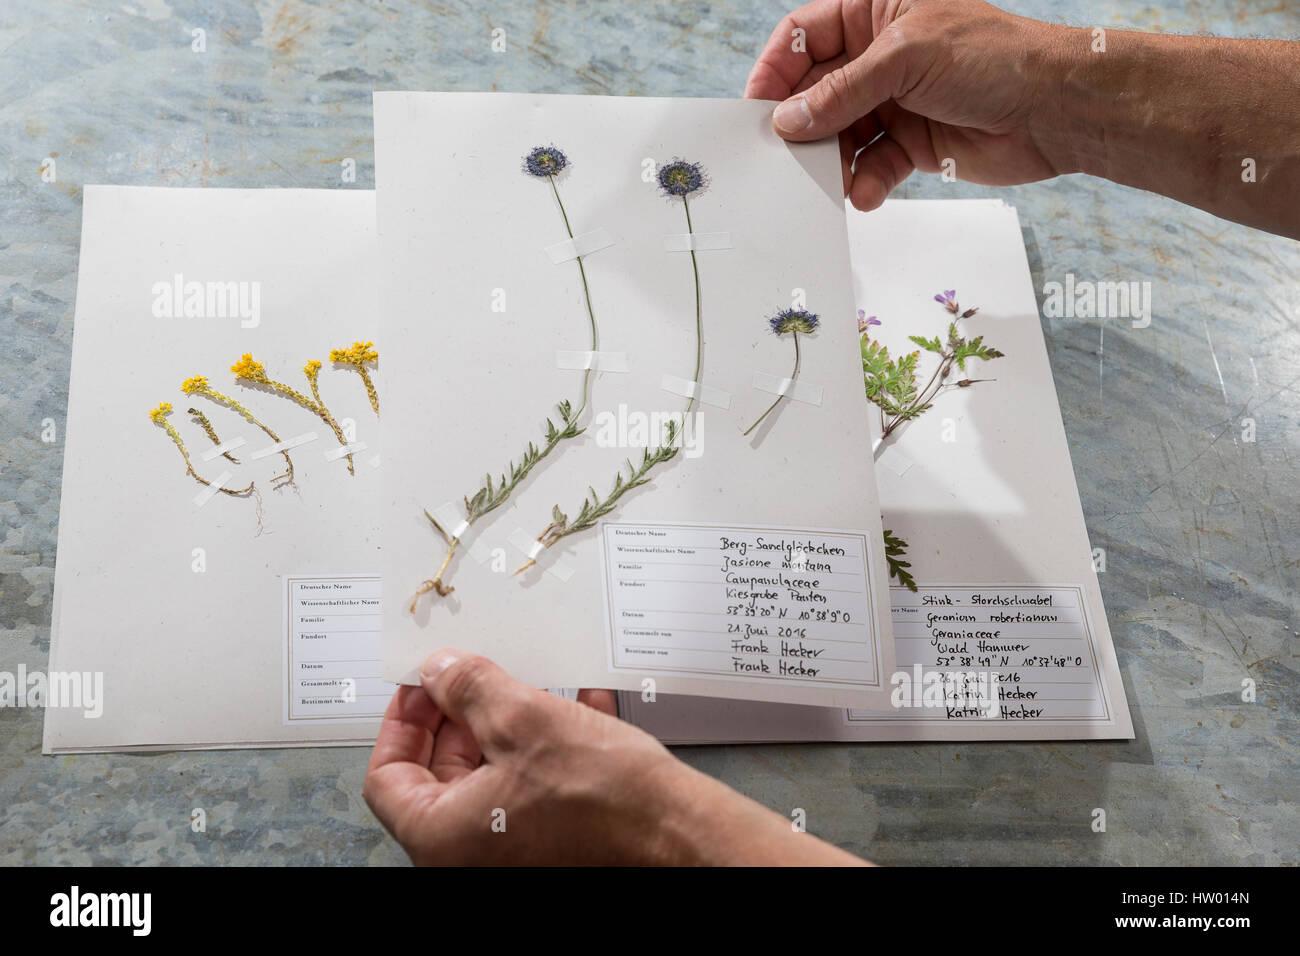 Fertige Herbarbogen, Herbarbögen werden zur Ansicht vorsichtig angehoben, nicht geblättert. Botanik, Botanisieren, - Stock Image